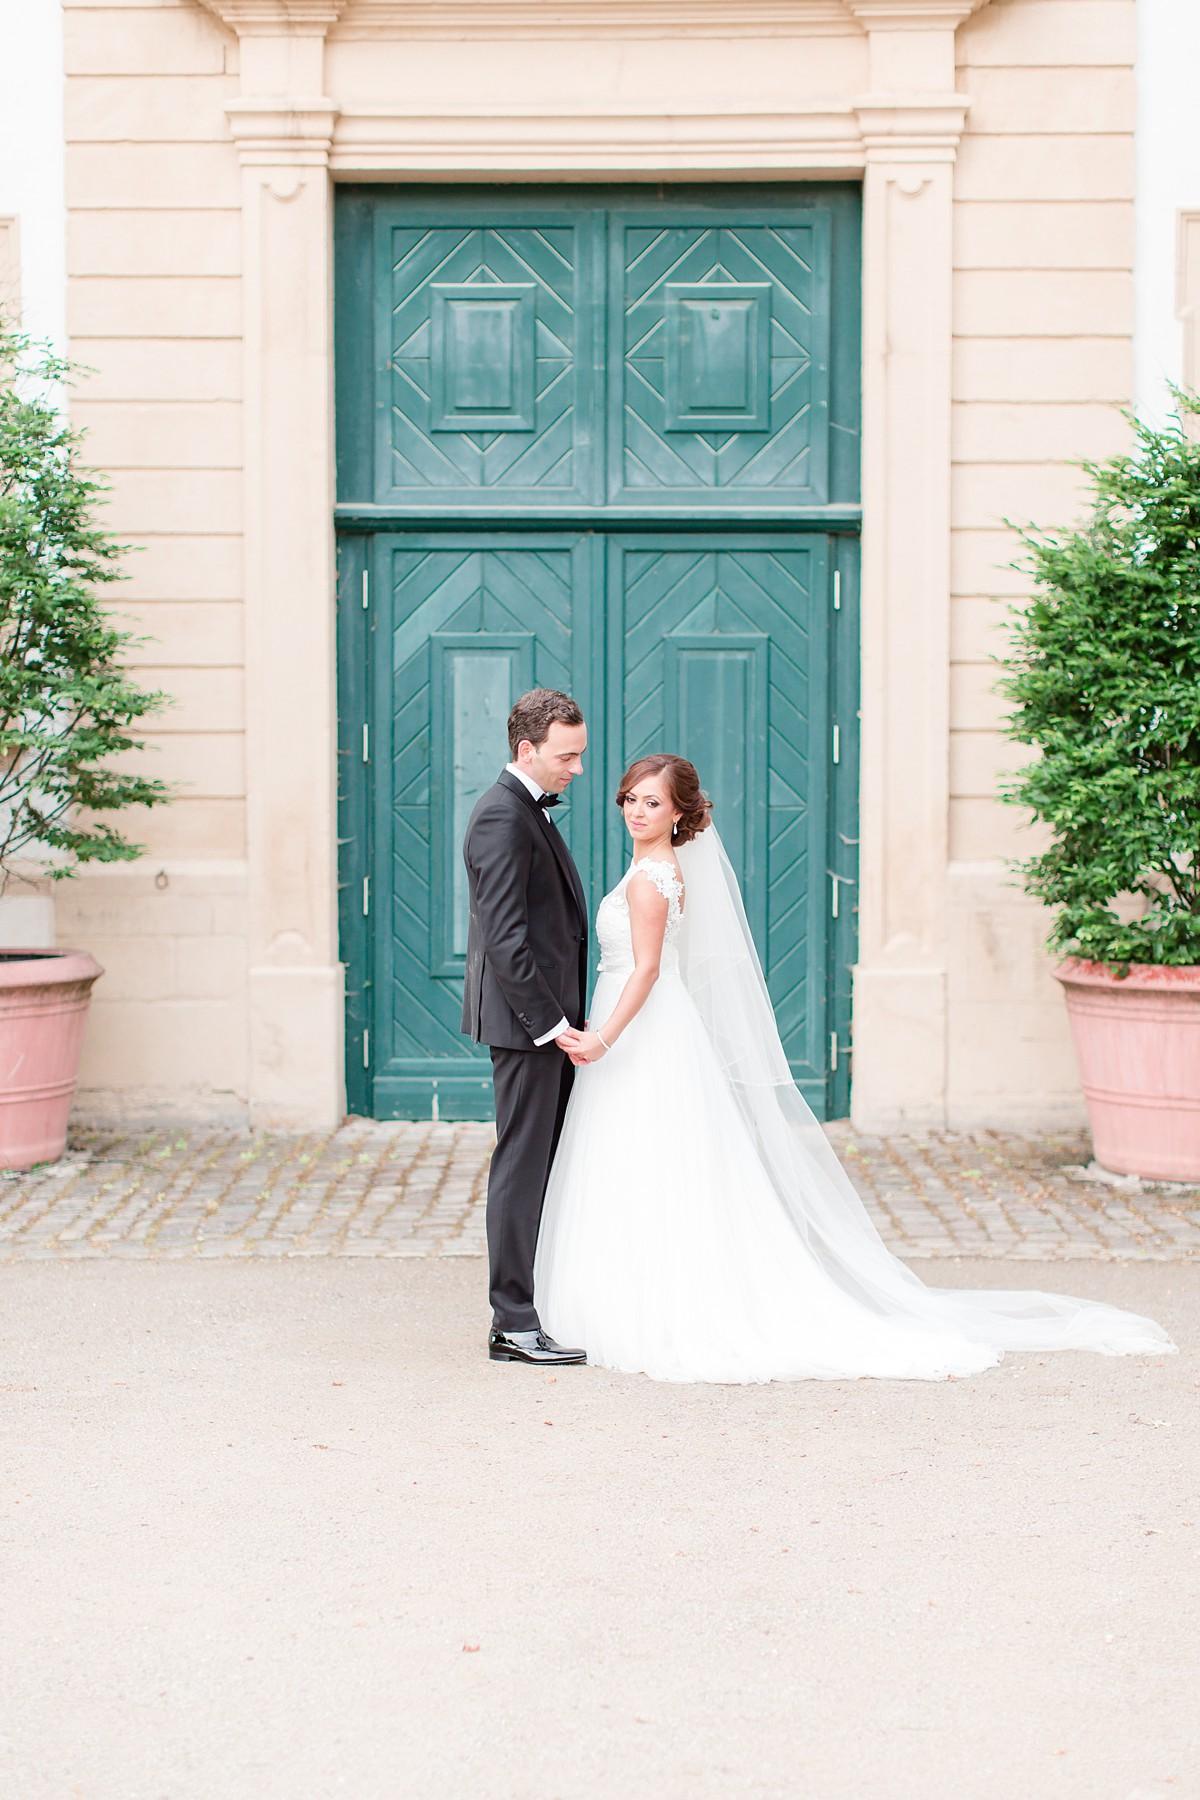 Hochzeitsfotograf-SchlossNeuhaus-Paderborn-FreieTrauung-FotografNRW_0089